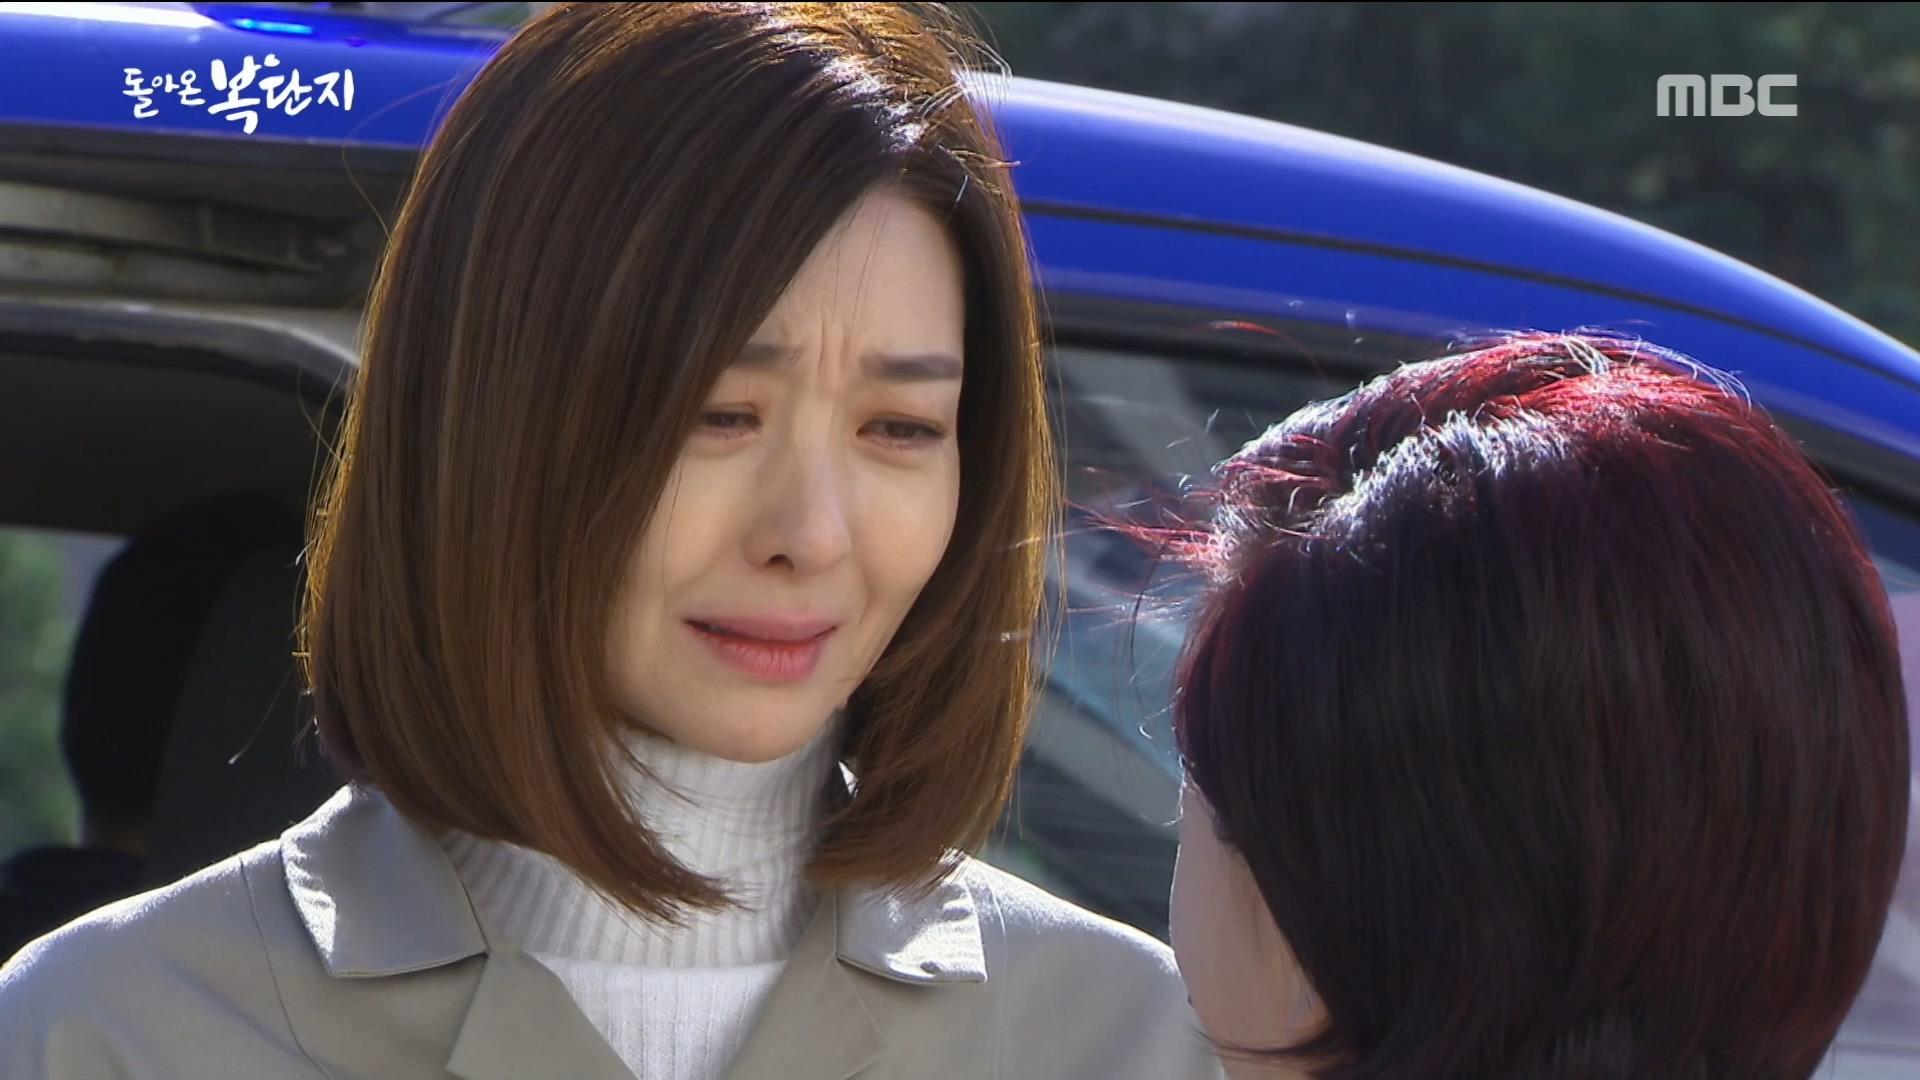 송선미&이혜숙 모녀, 나란히 죄수복 입은 채 재회